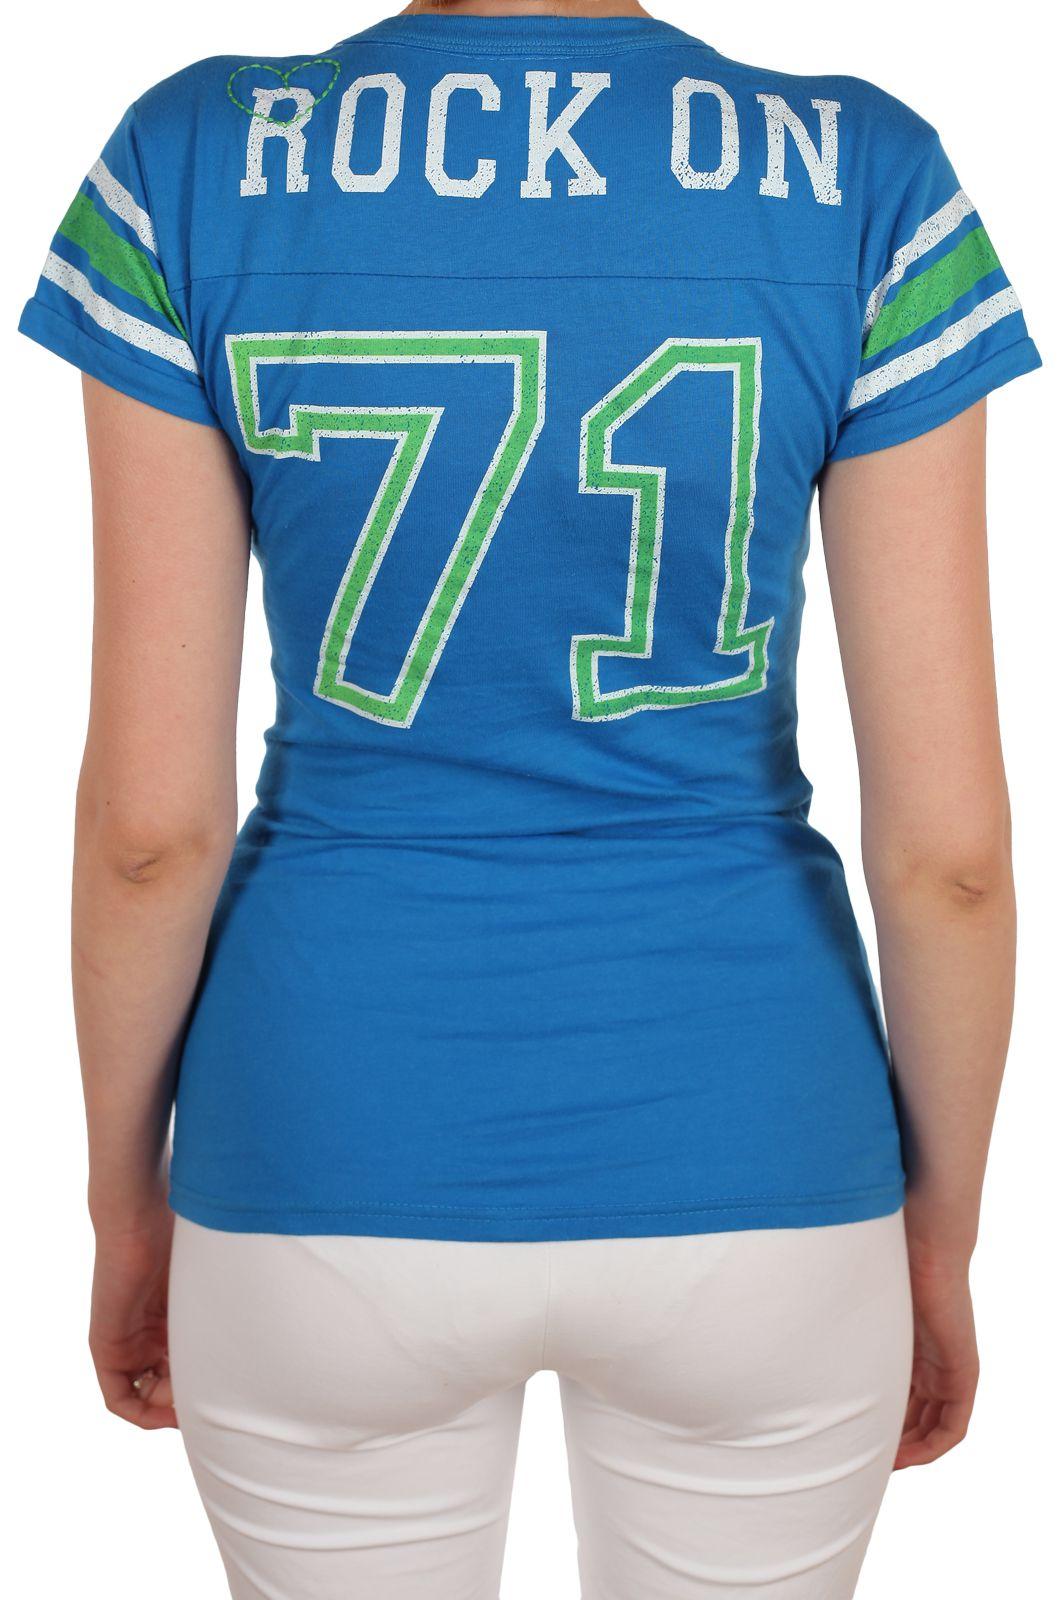 Купить онлайн футболку с номером